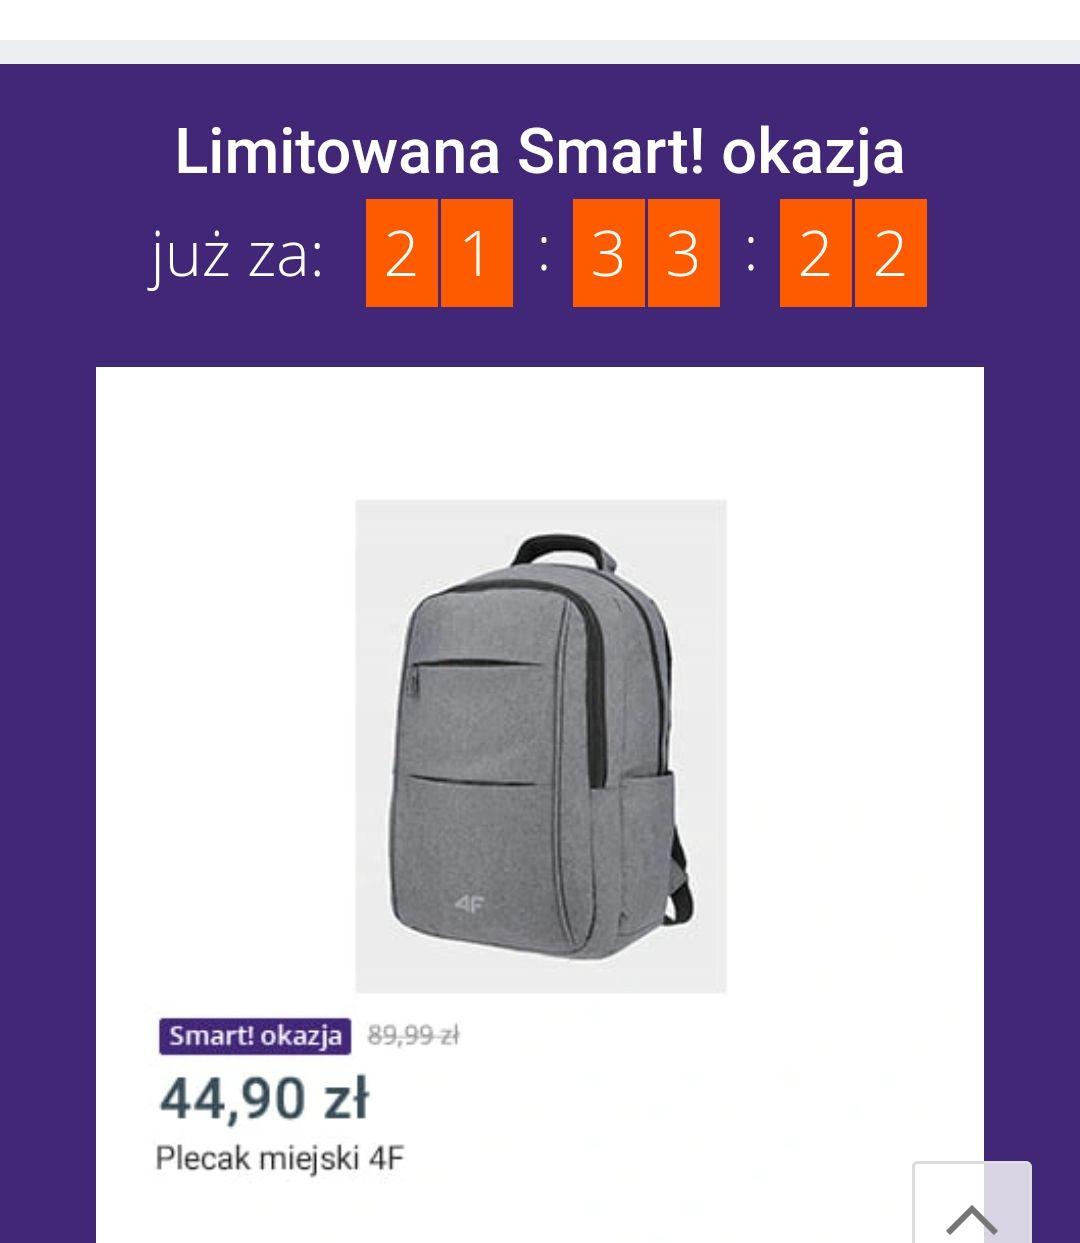 Plecak miejski 4f w Smart okazjach Allegro